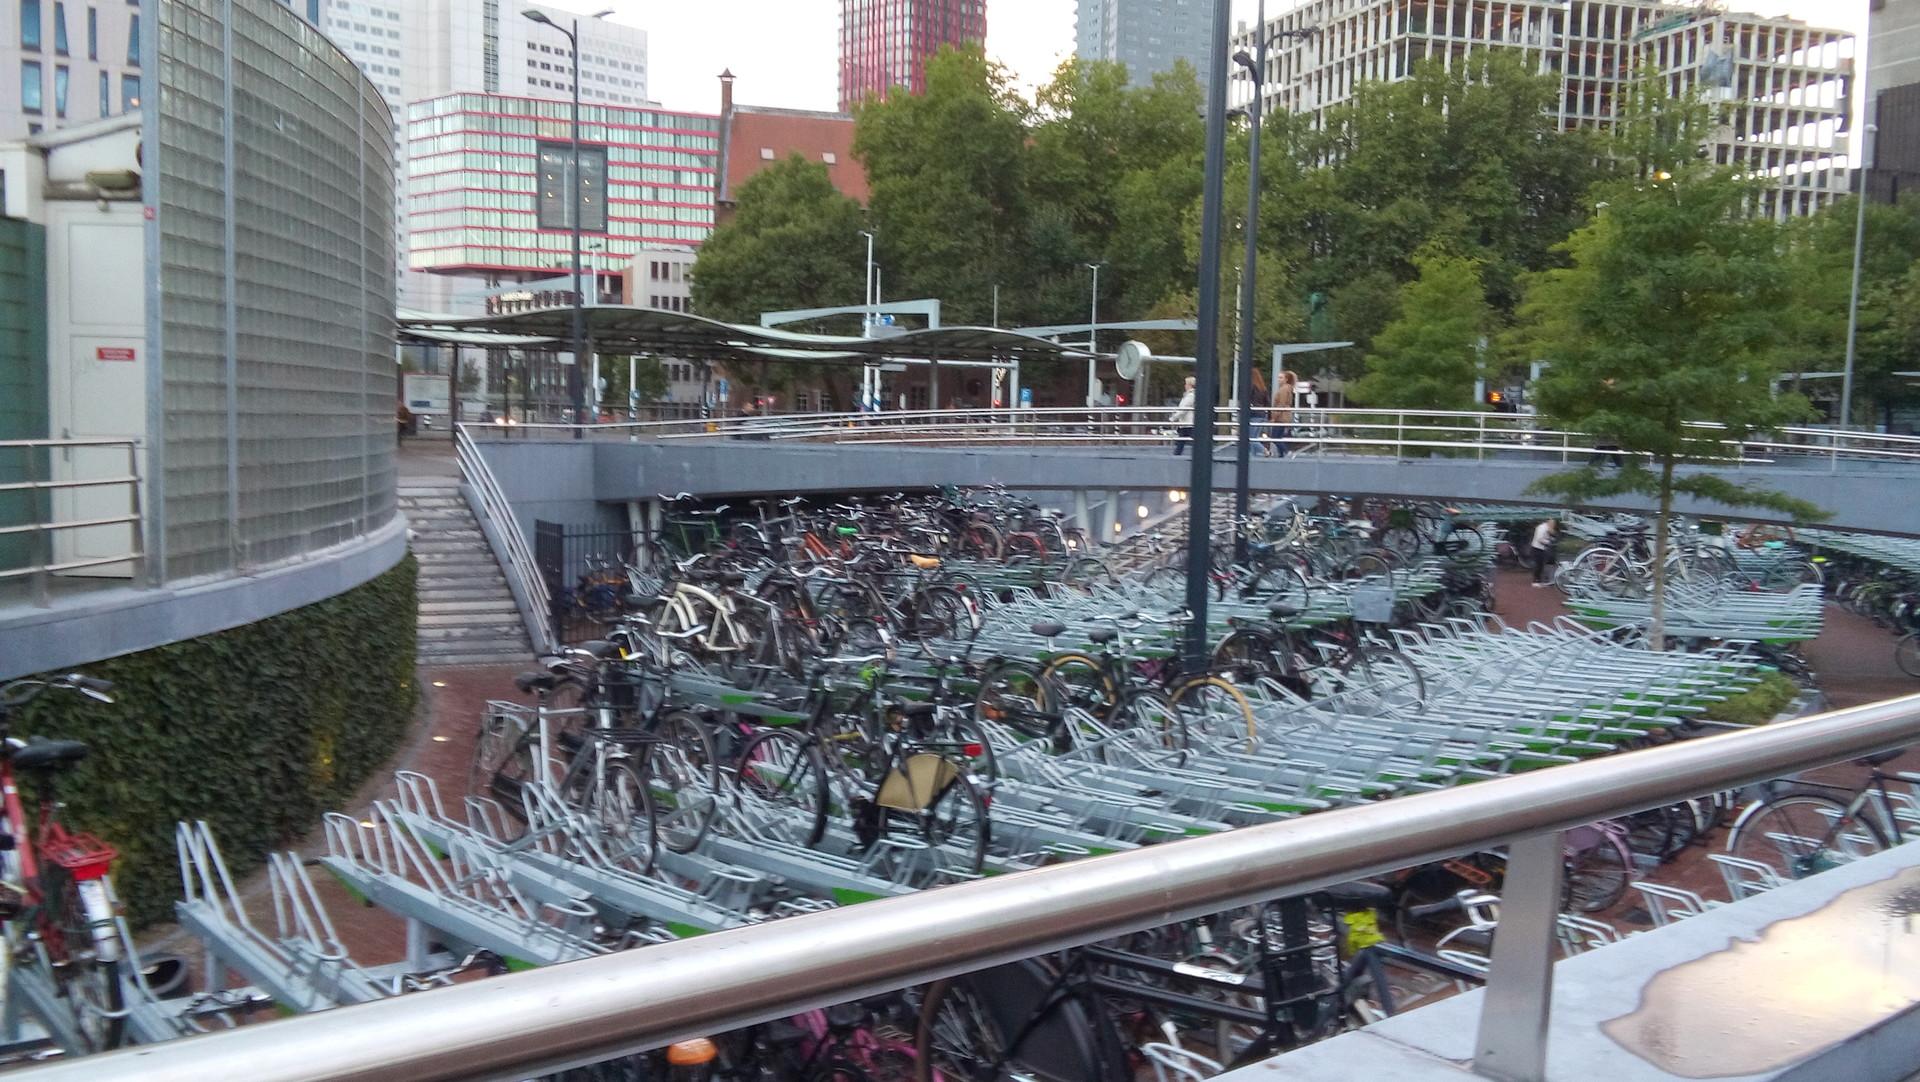 C Mo Obtener Y Mantener Una Bici En Rotterdam Blog Erasmus  # Muebles Rotterdam